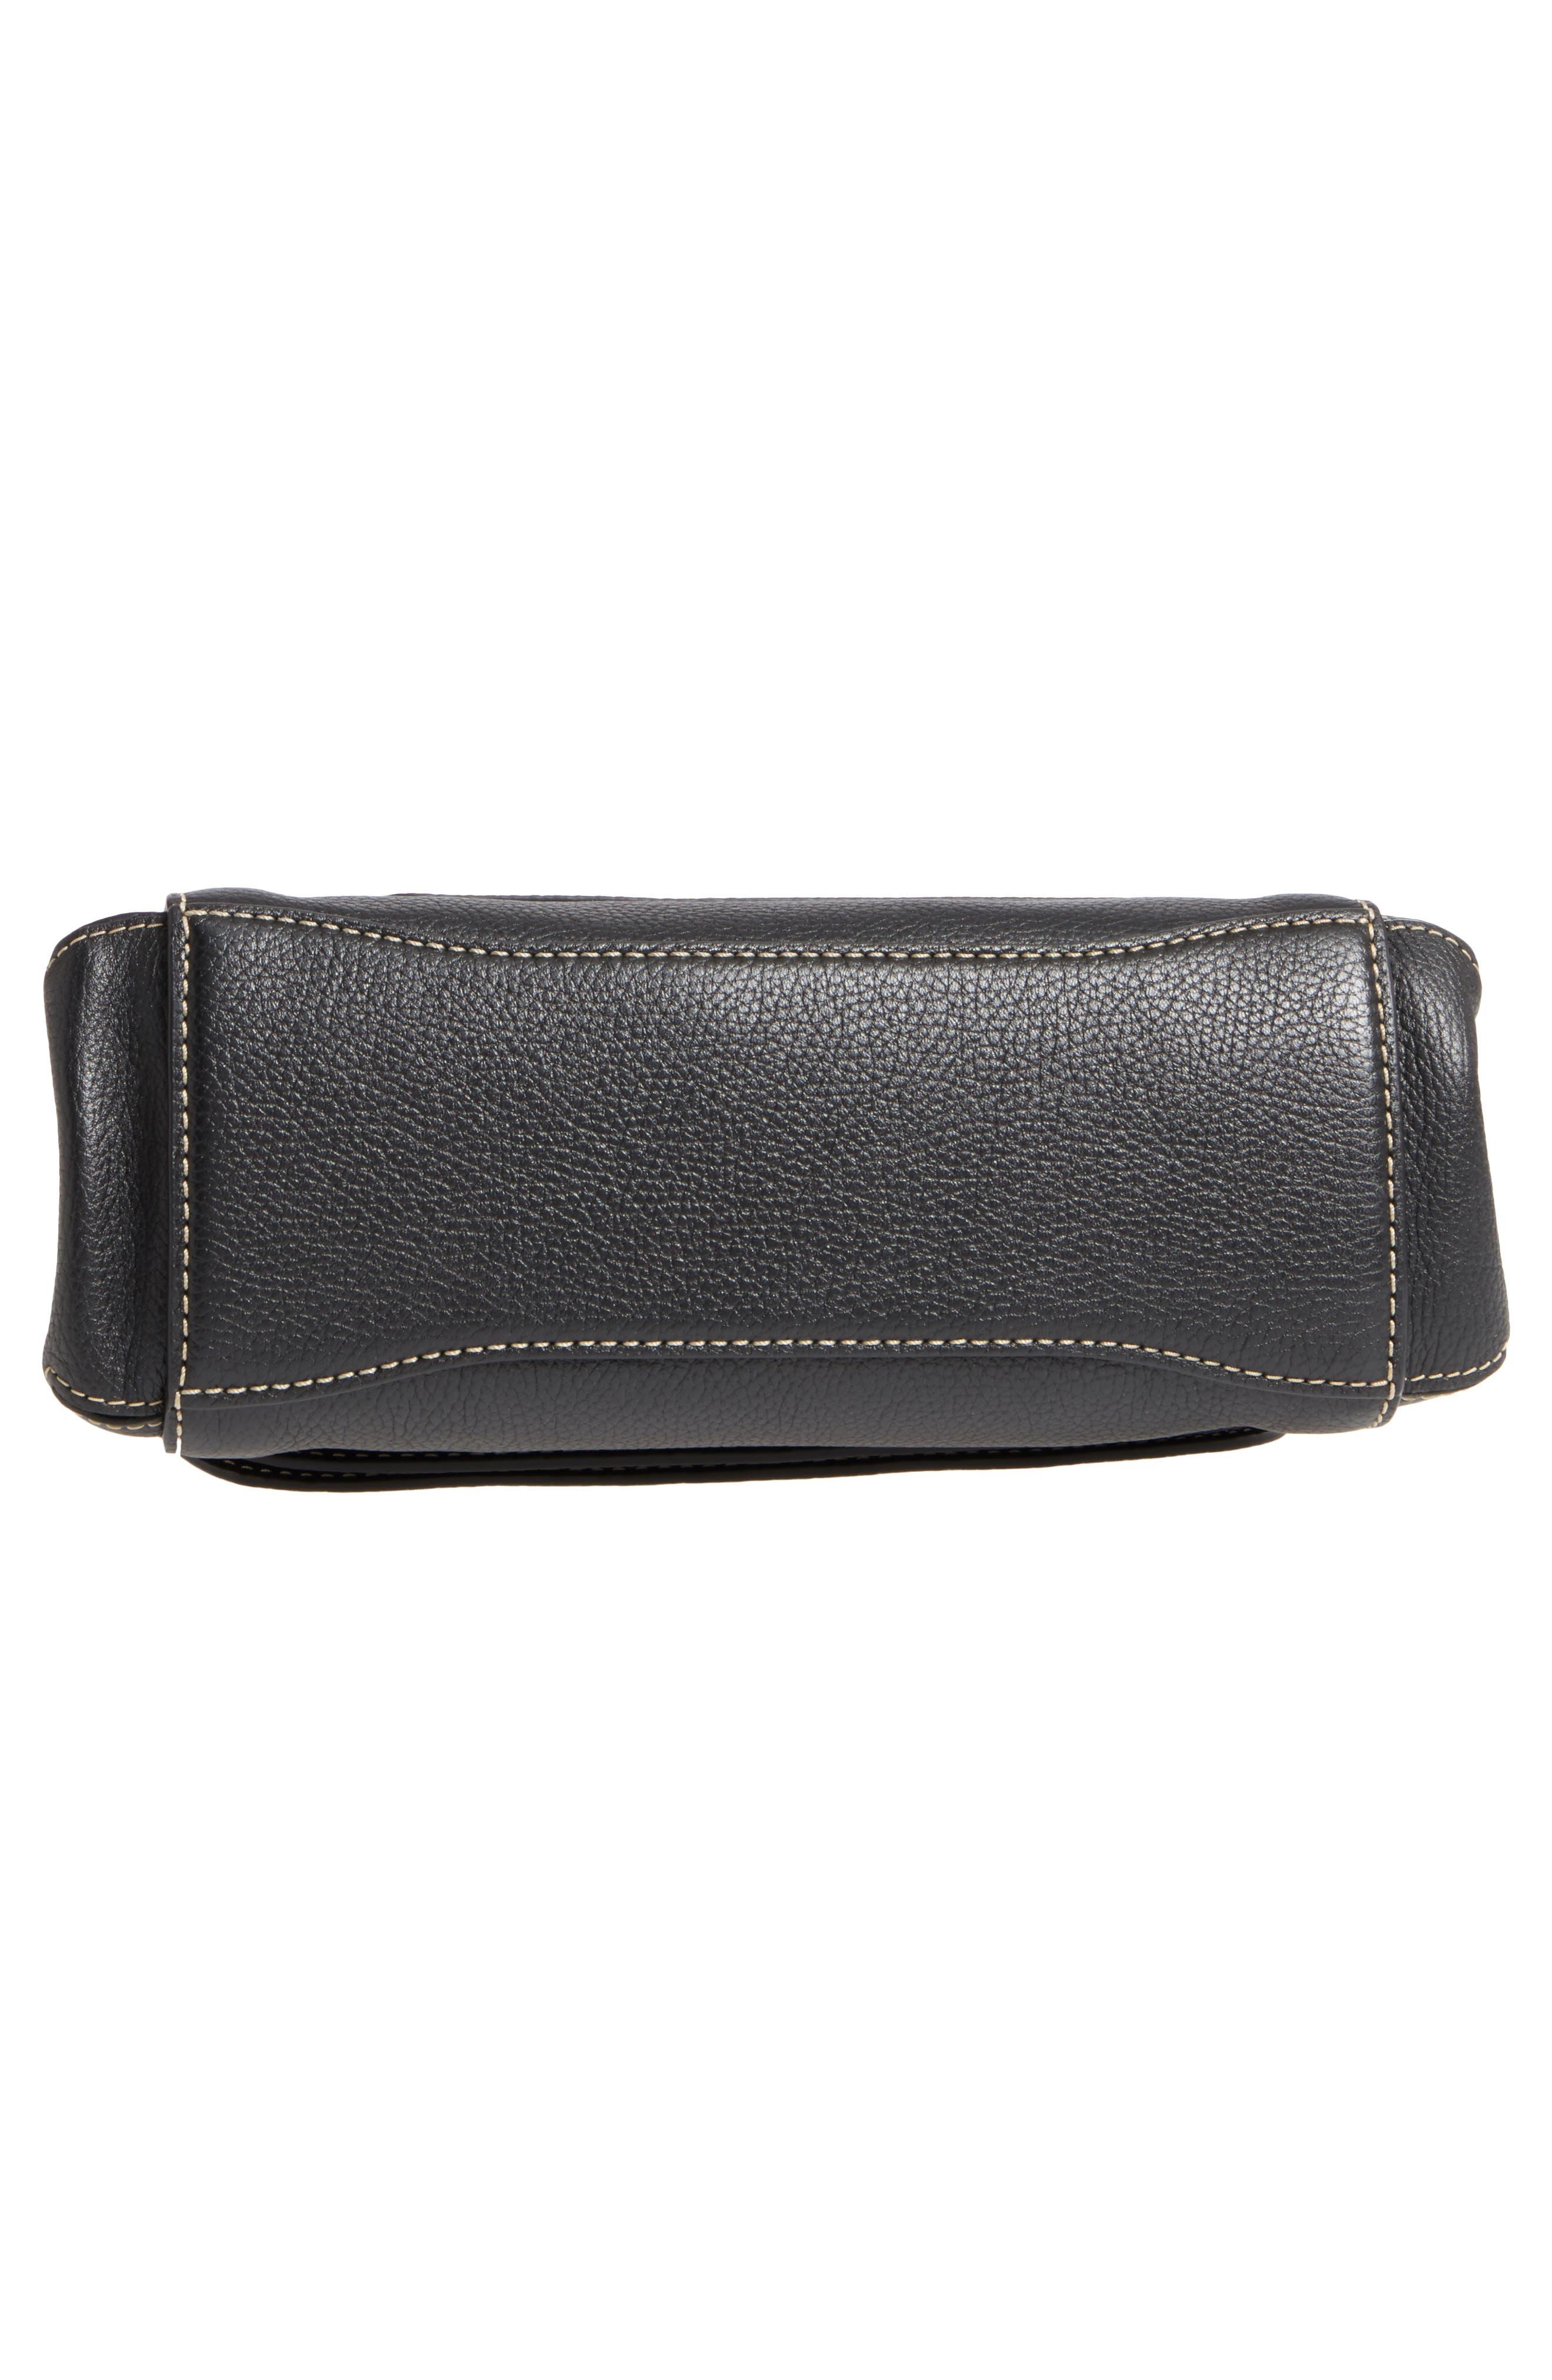 The Grind Boho Leather Shoulder Bag,                             Alternate thumbnail 6, color,                             BLACK/ GOLD